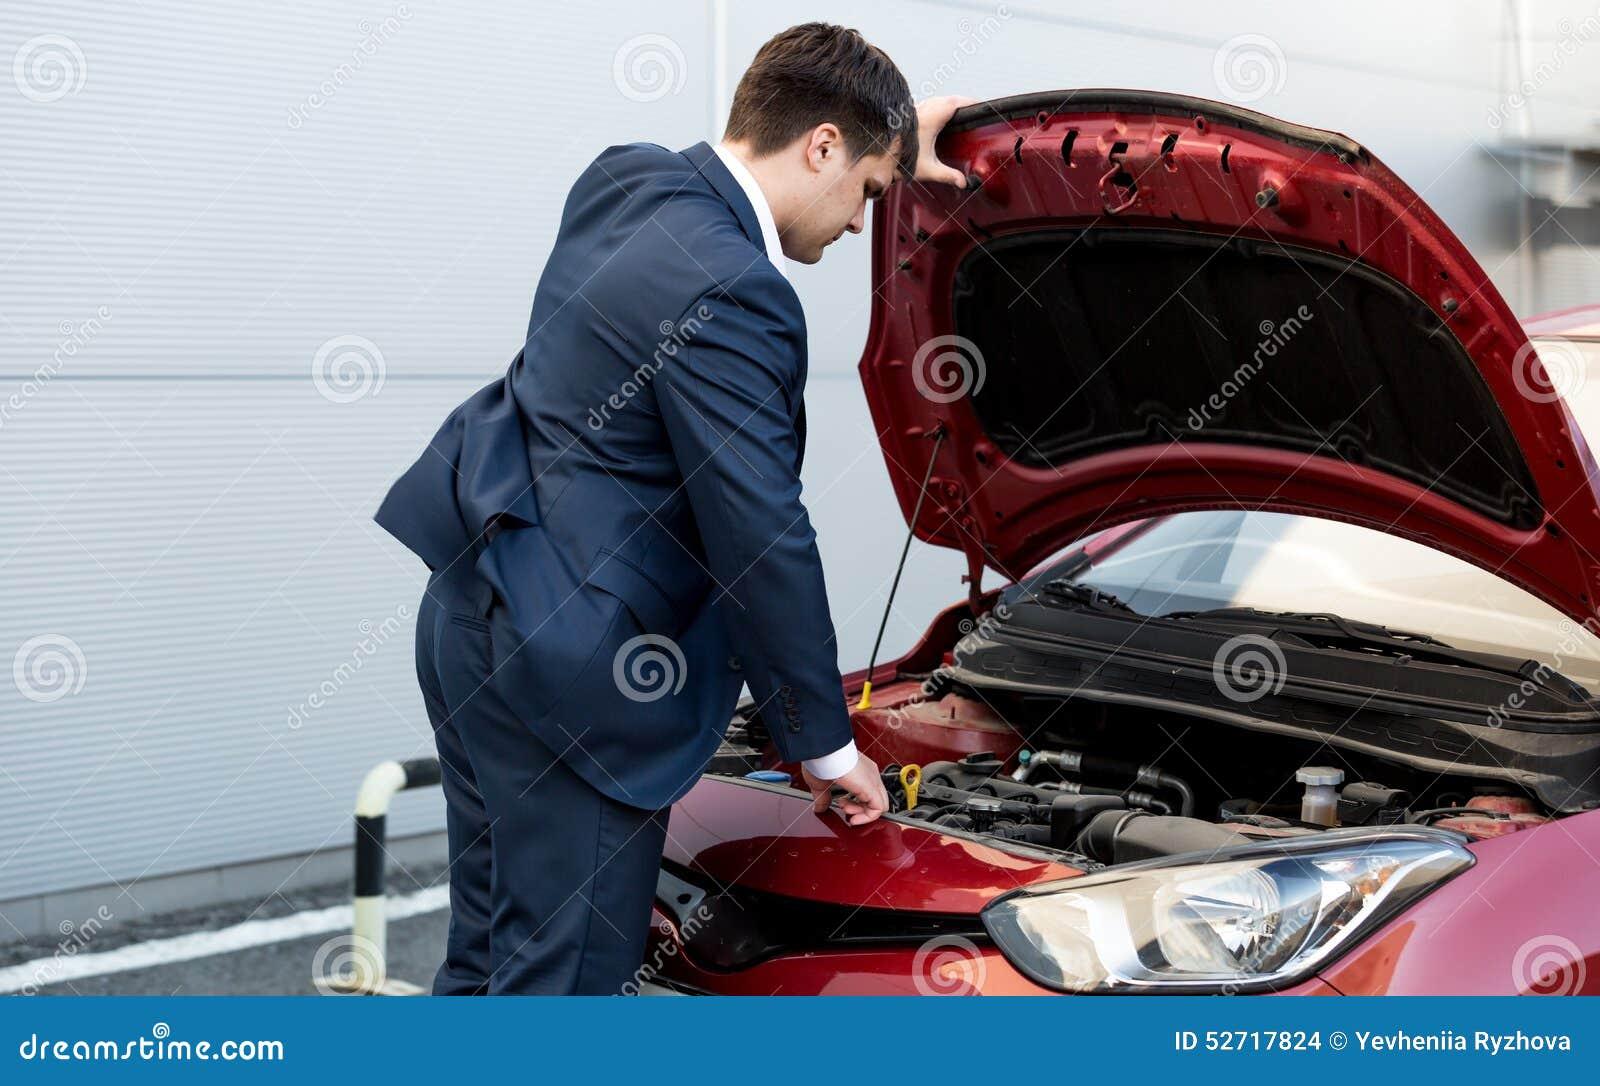 Επιχειρηματίας στο καπό ανοίγματος κοστουμιών του ανοικτού αυτοκινήτου